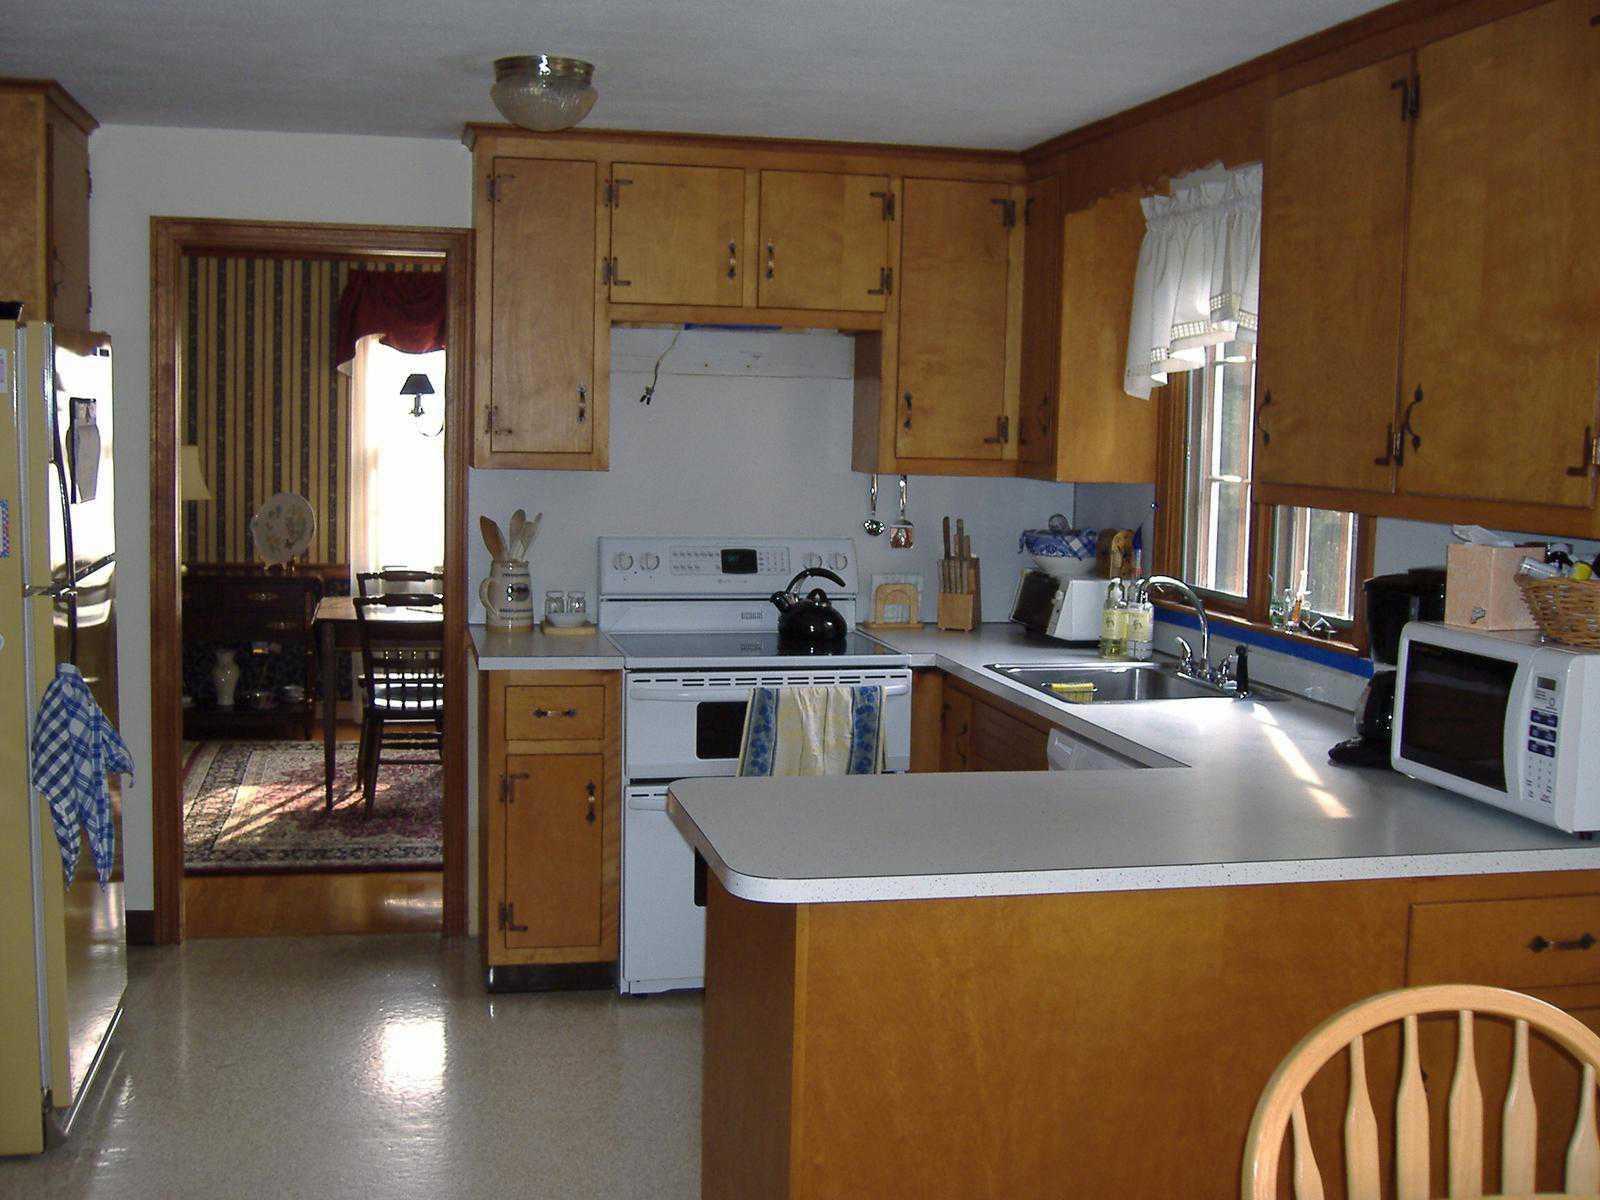 indtagende-køkken-design-for-lejlighed-med-brun-træ-floating-hylder-kabinet monteret-on-the-væg-og-hvid-træ-laminat-piedestal-on-the-køkken-table-also brun-træ-kabinet-skuffe-under-cou